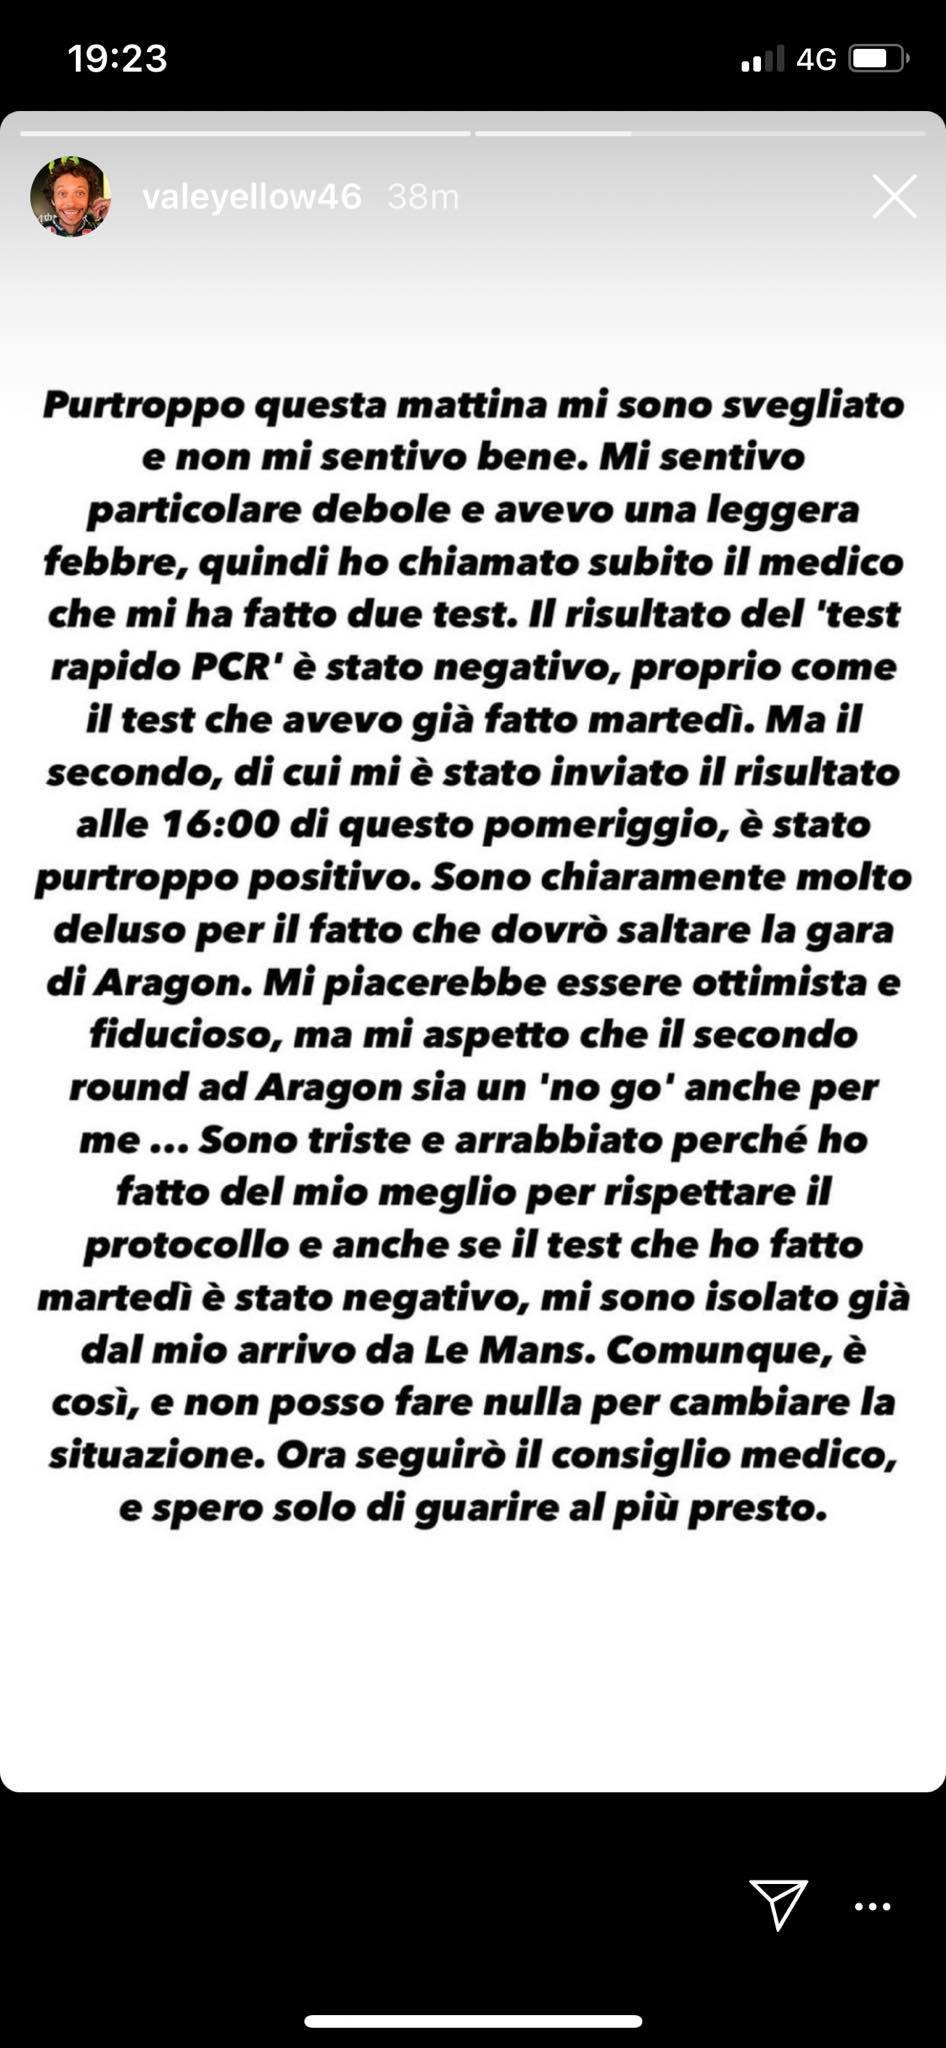 """Anche Valentino Rossi positivo al covid 19: """"Sono triste e arrabbiato, spero di guarire presto"""""""